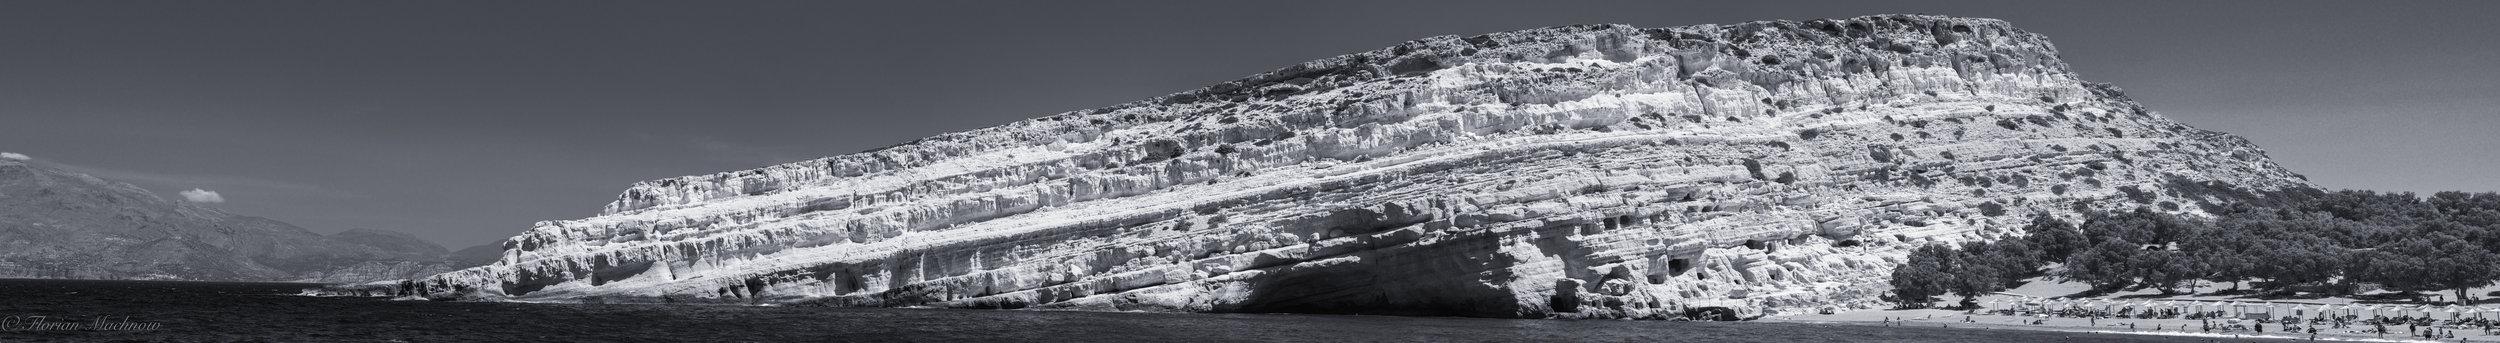 Die Höhlen von Matala